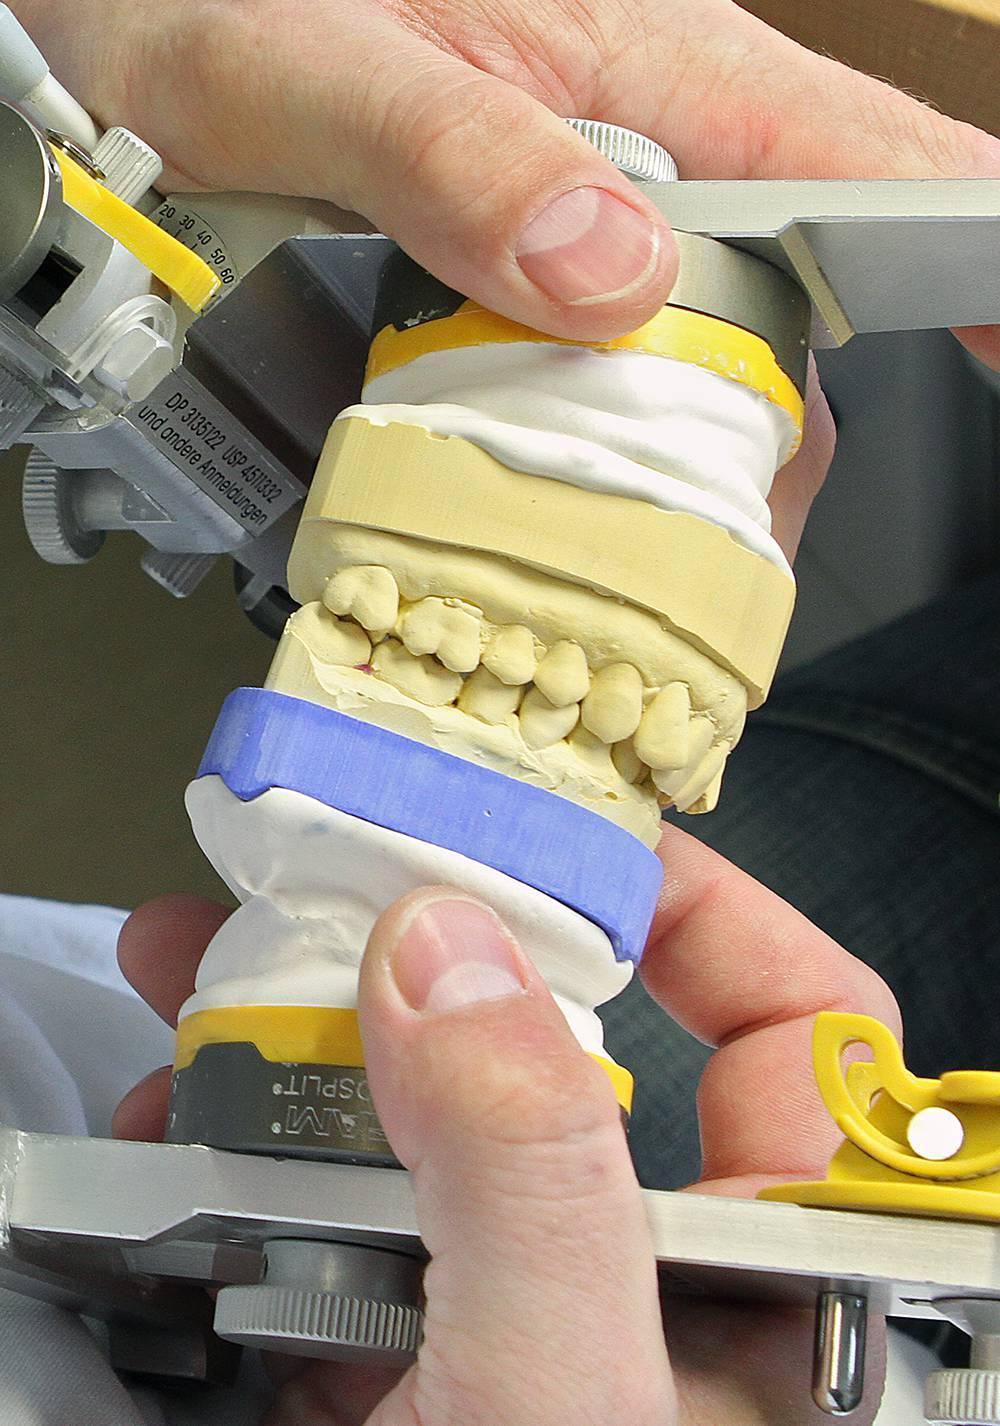 Unser Zahntechniker stellt im praxiseigenen Labor Zahnersatz funktionell und ästhetisch individuell für Sie her.